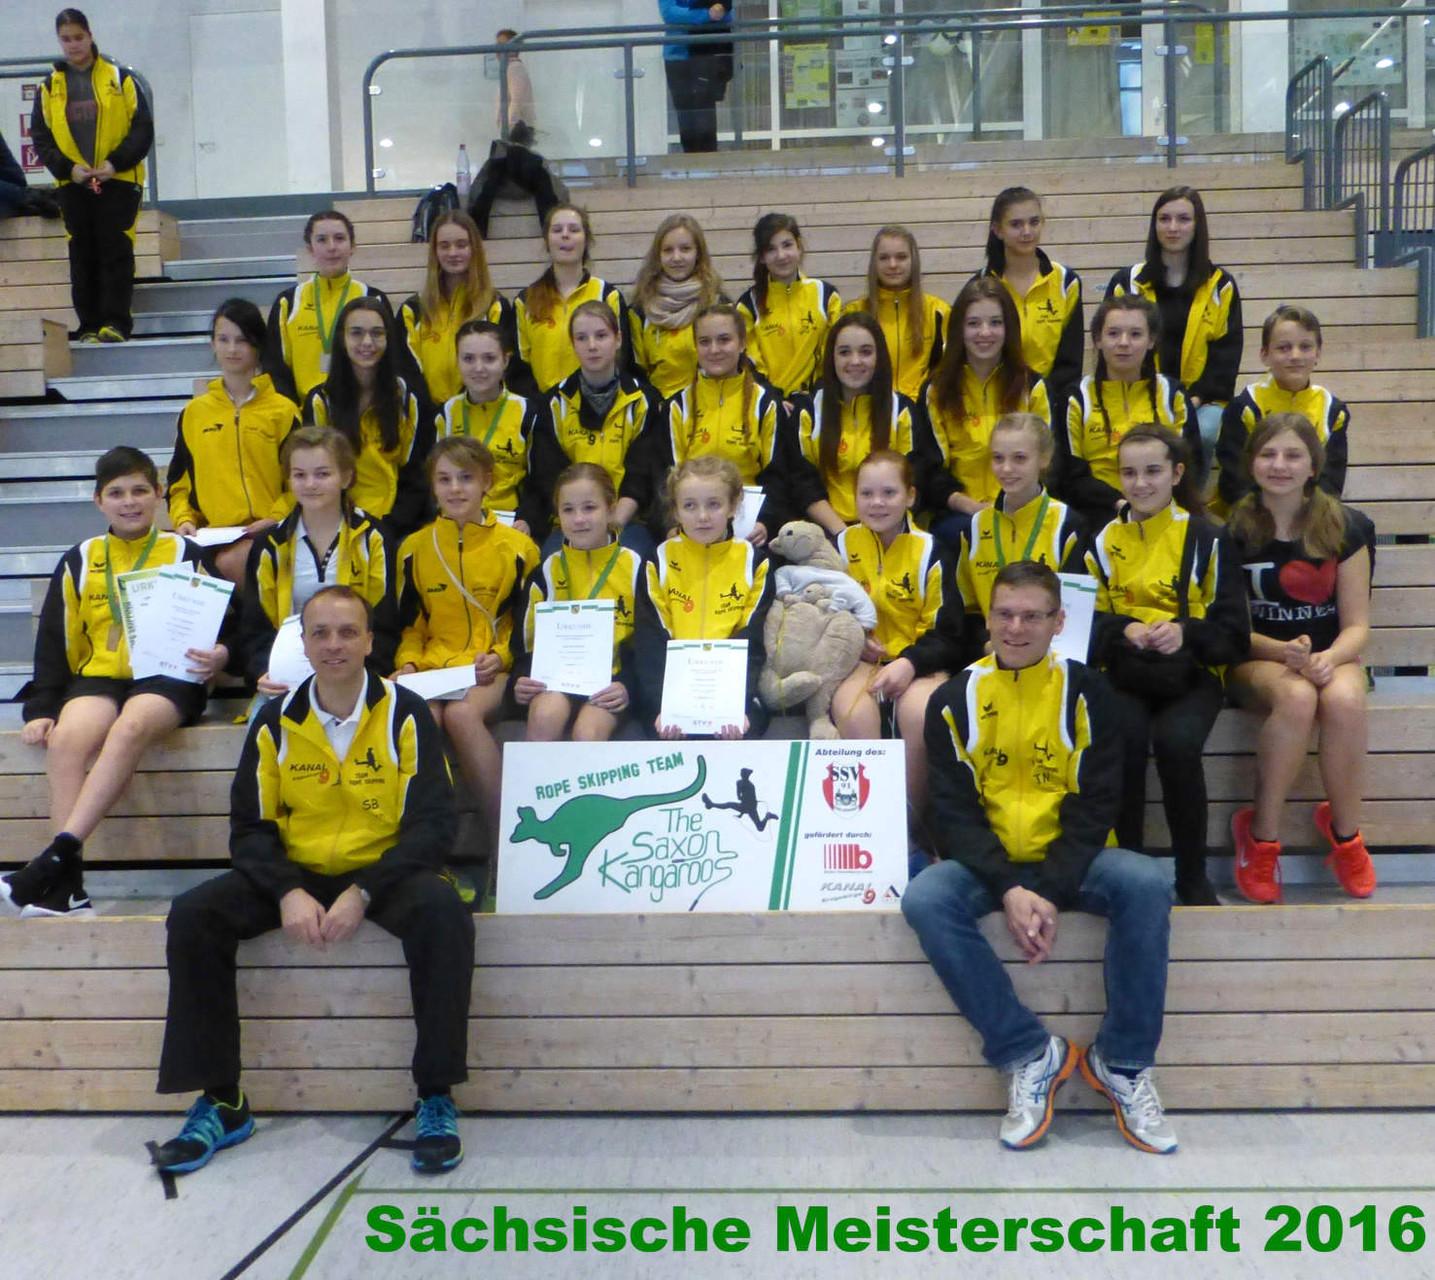 2016 - Sachsenmeisterschaft in BED